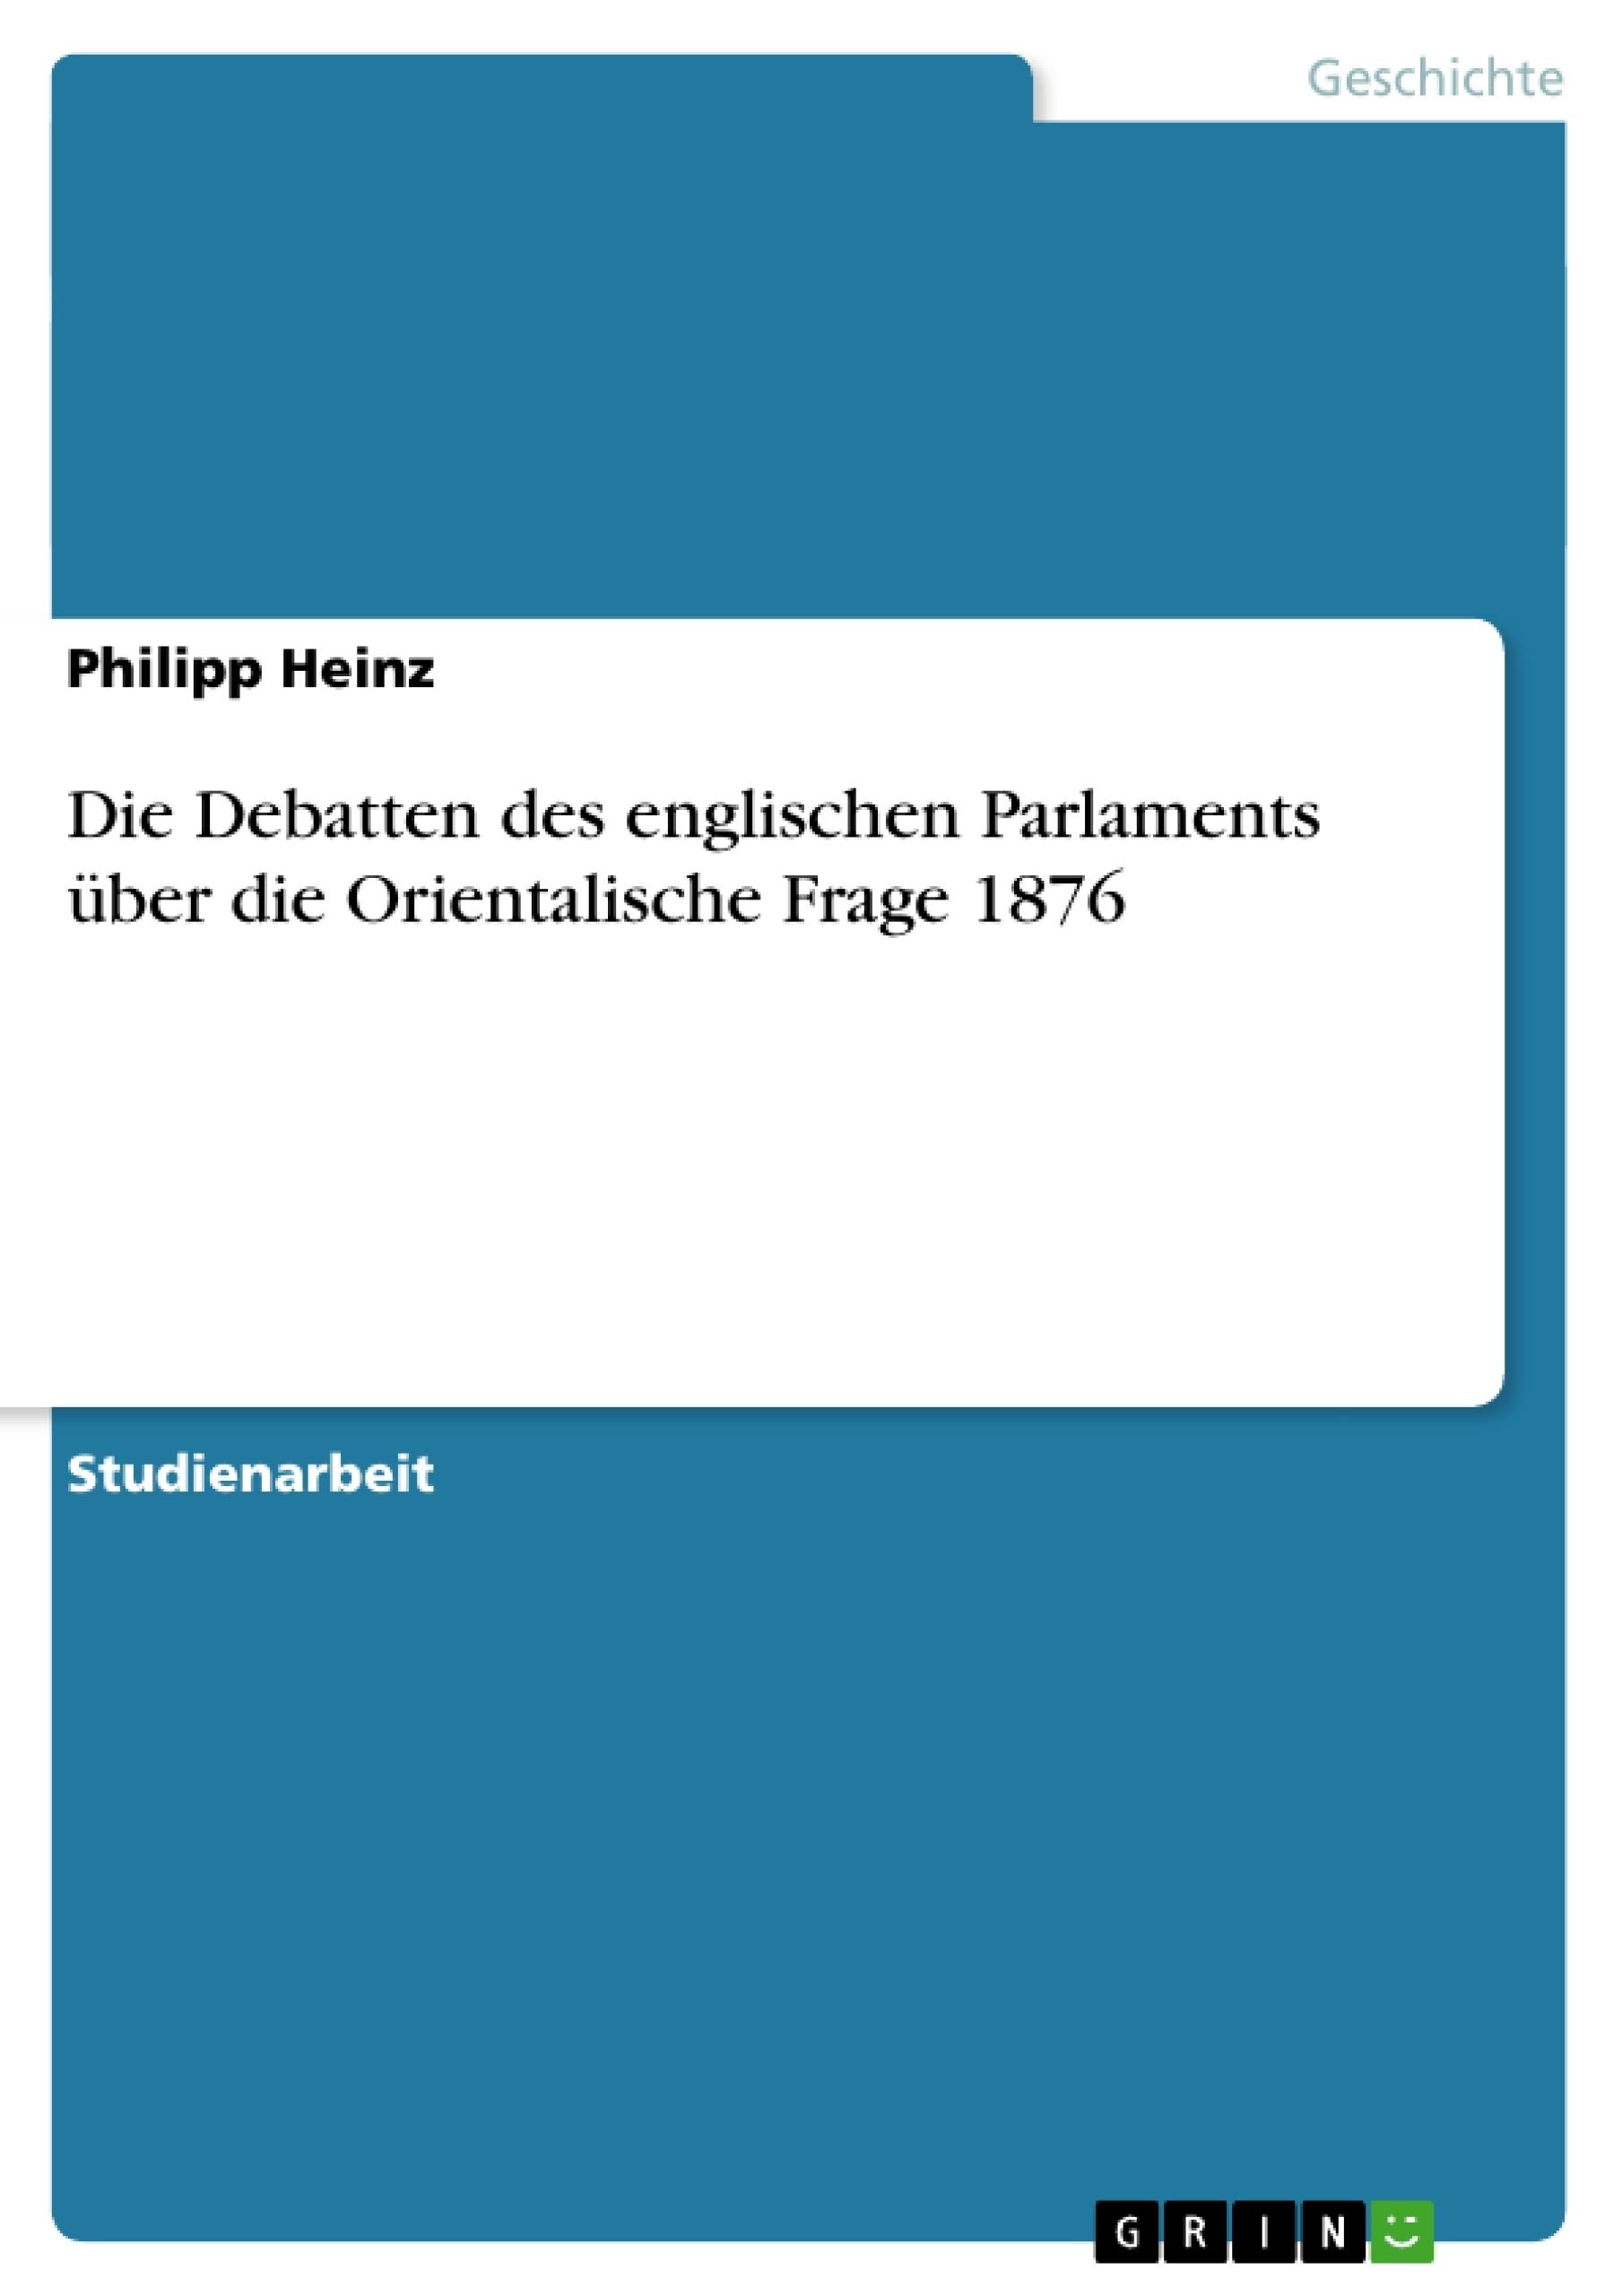 Titel: Die Debatten des englischen Parlaments über die Orientalische Frage 1876